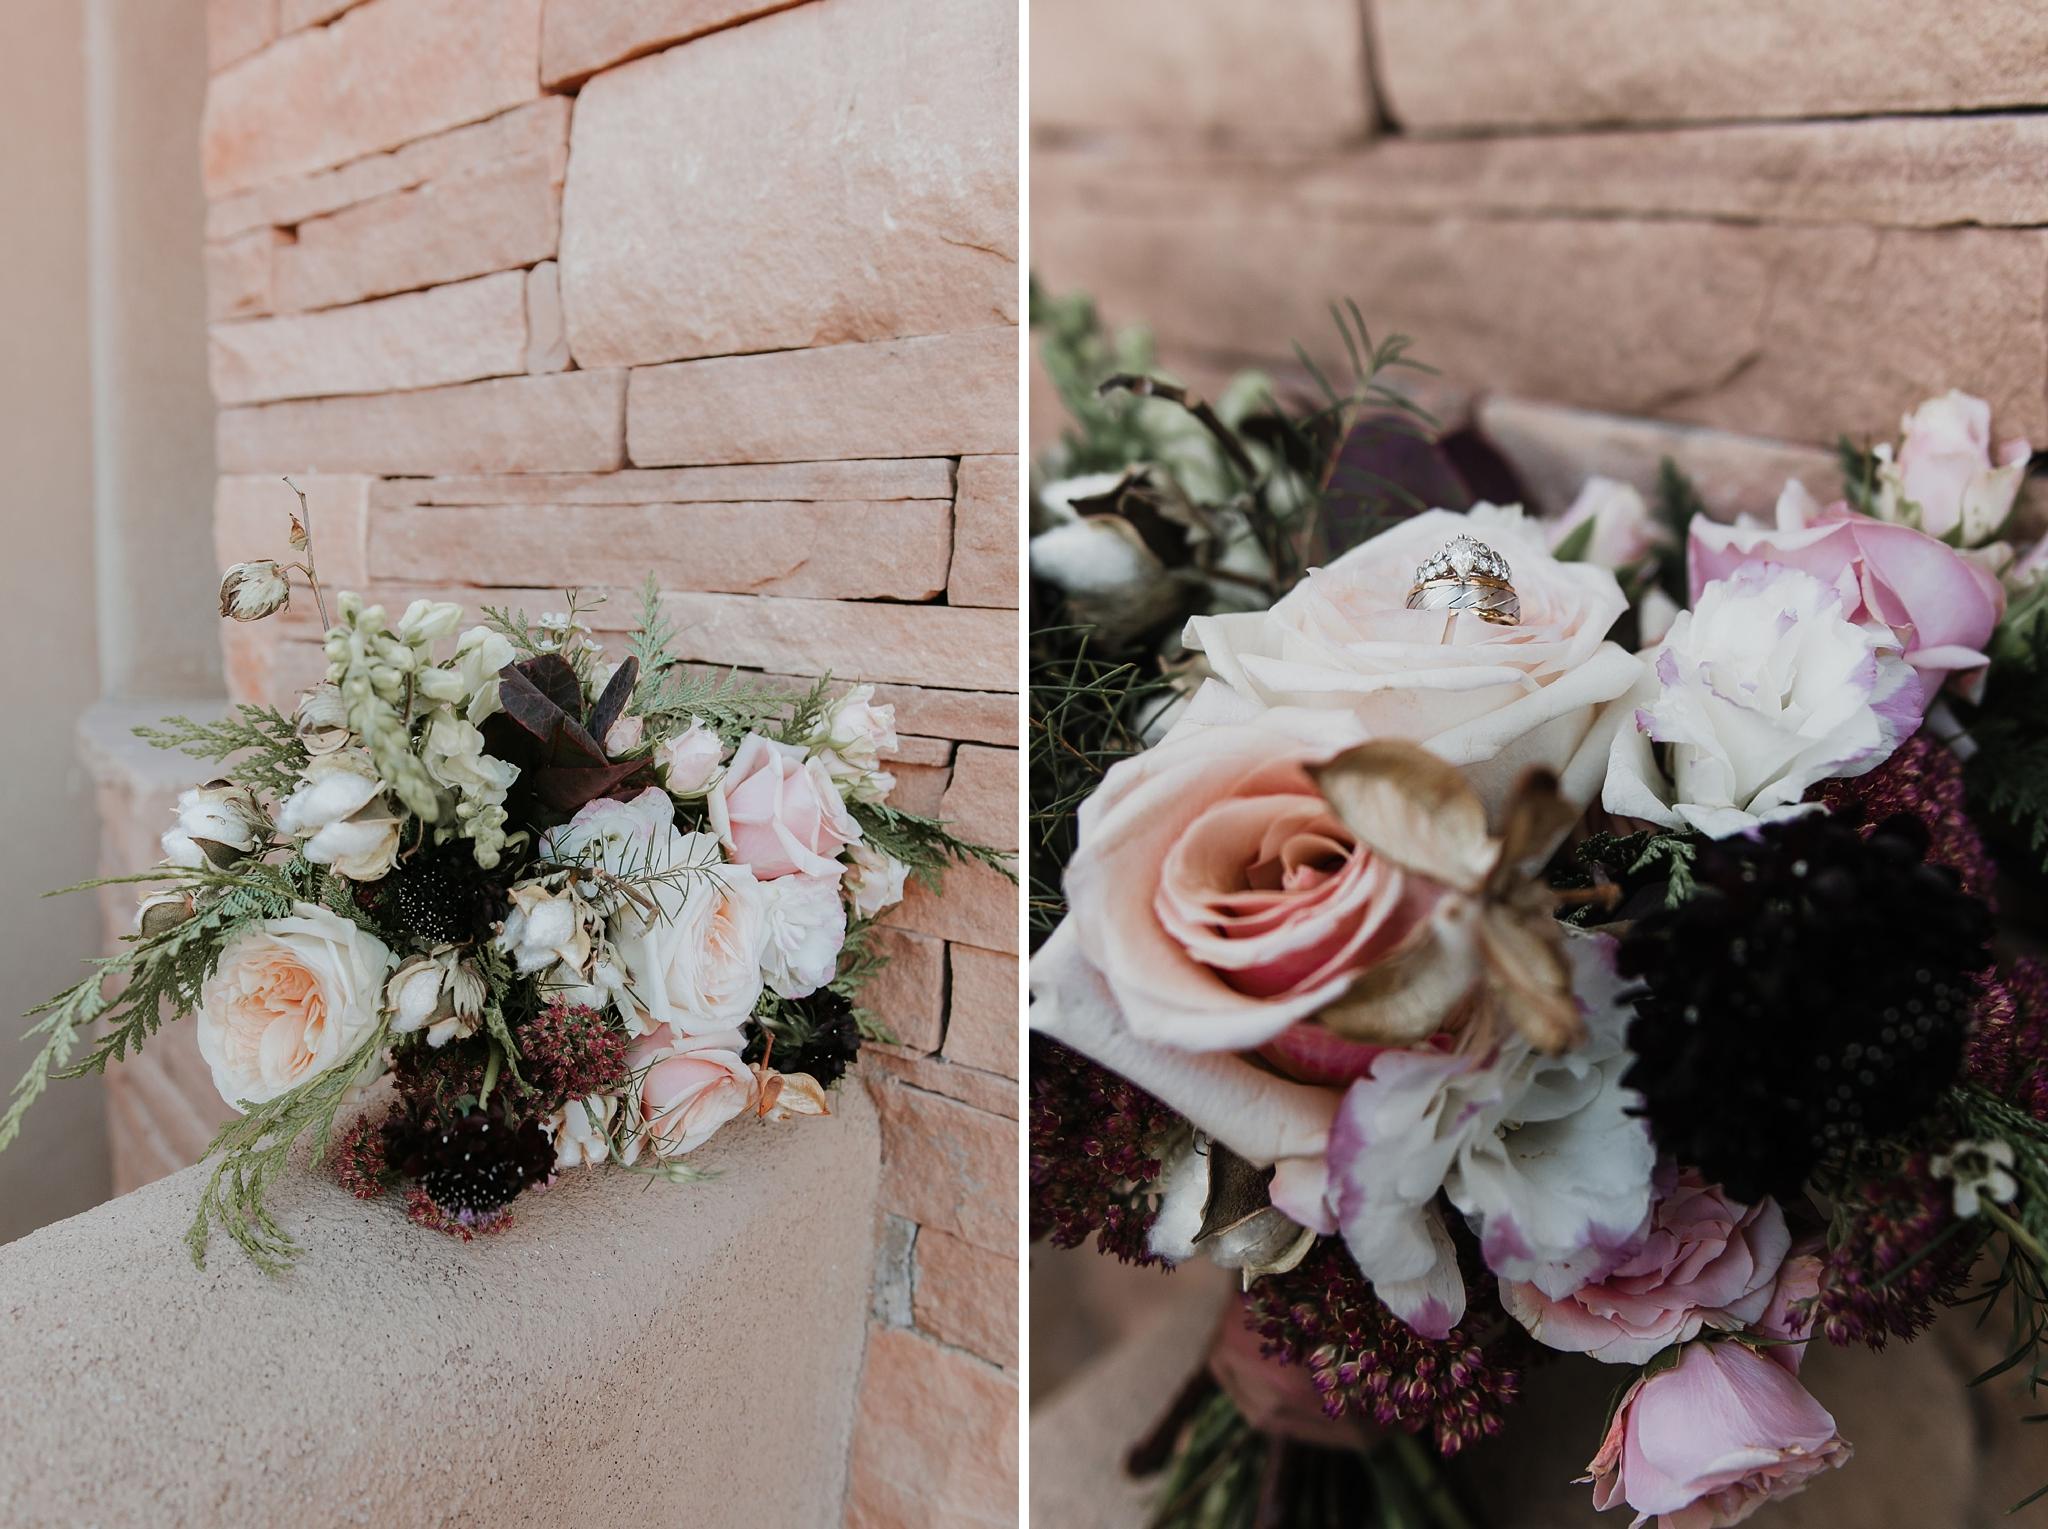 Alicia+lucia+photography+-+albuquerque+wedding+photographer+-+santa+fe+wedding+photography+-+new+mexico+wedding+photographer+-+new+mexico+wedding+-+new+mexico+florist+-+floriography+flowers+-+floriography+flowers+new+mexico+-+wedding+florist_0040.jpg